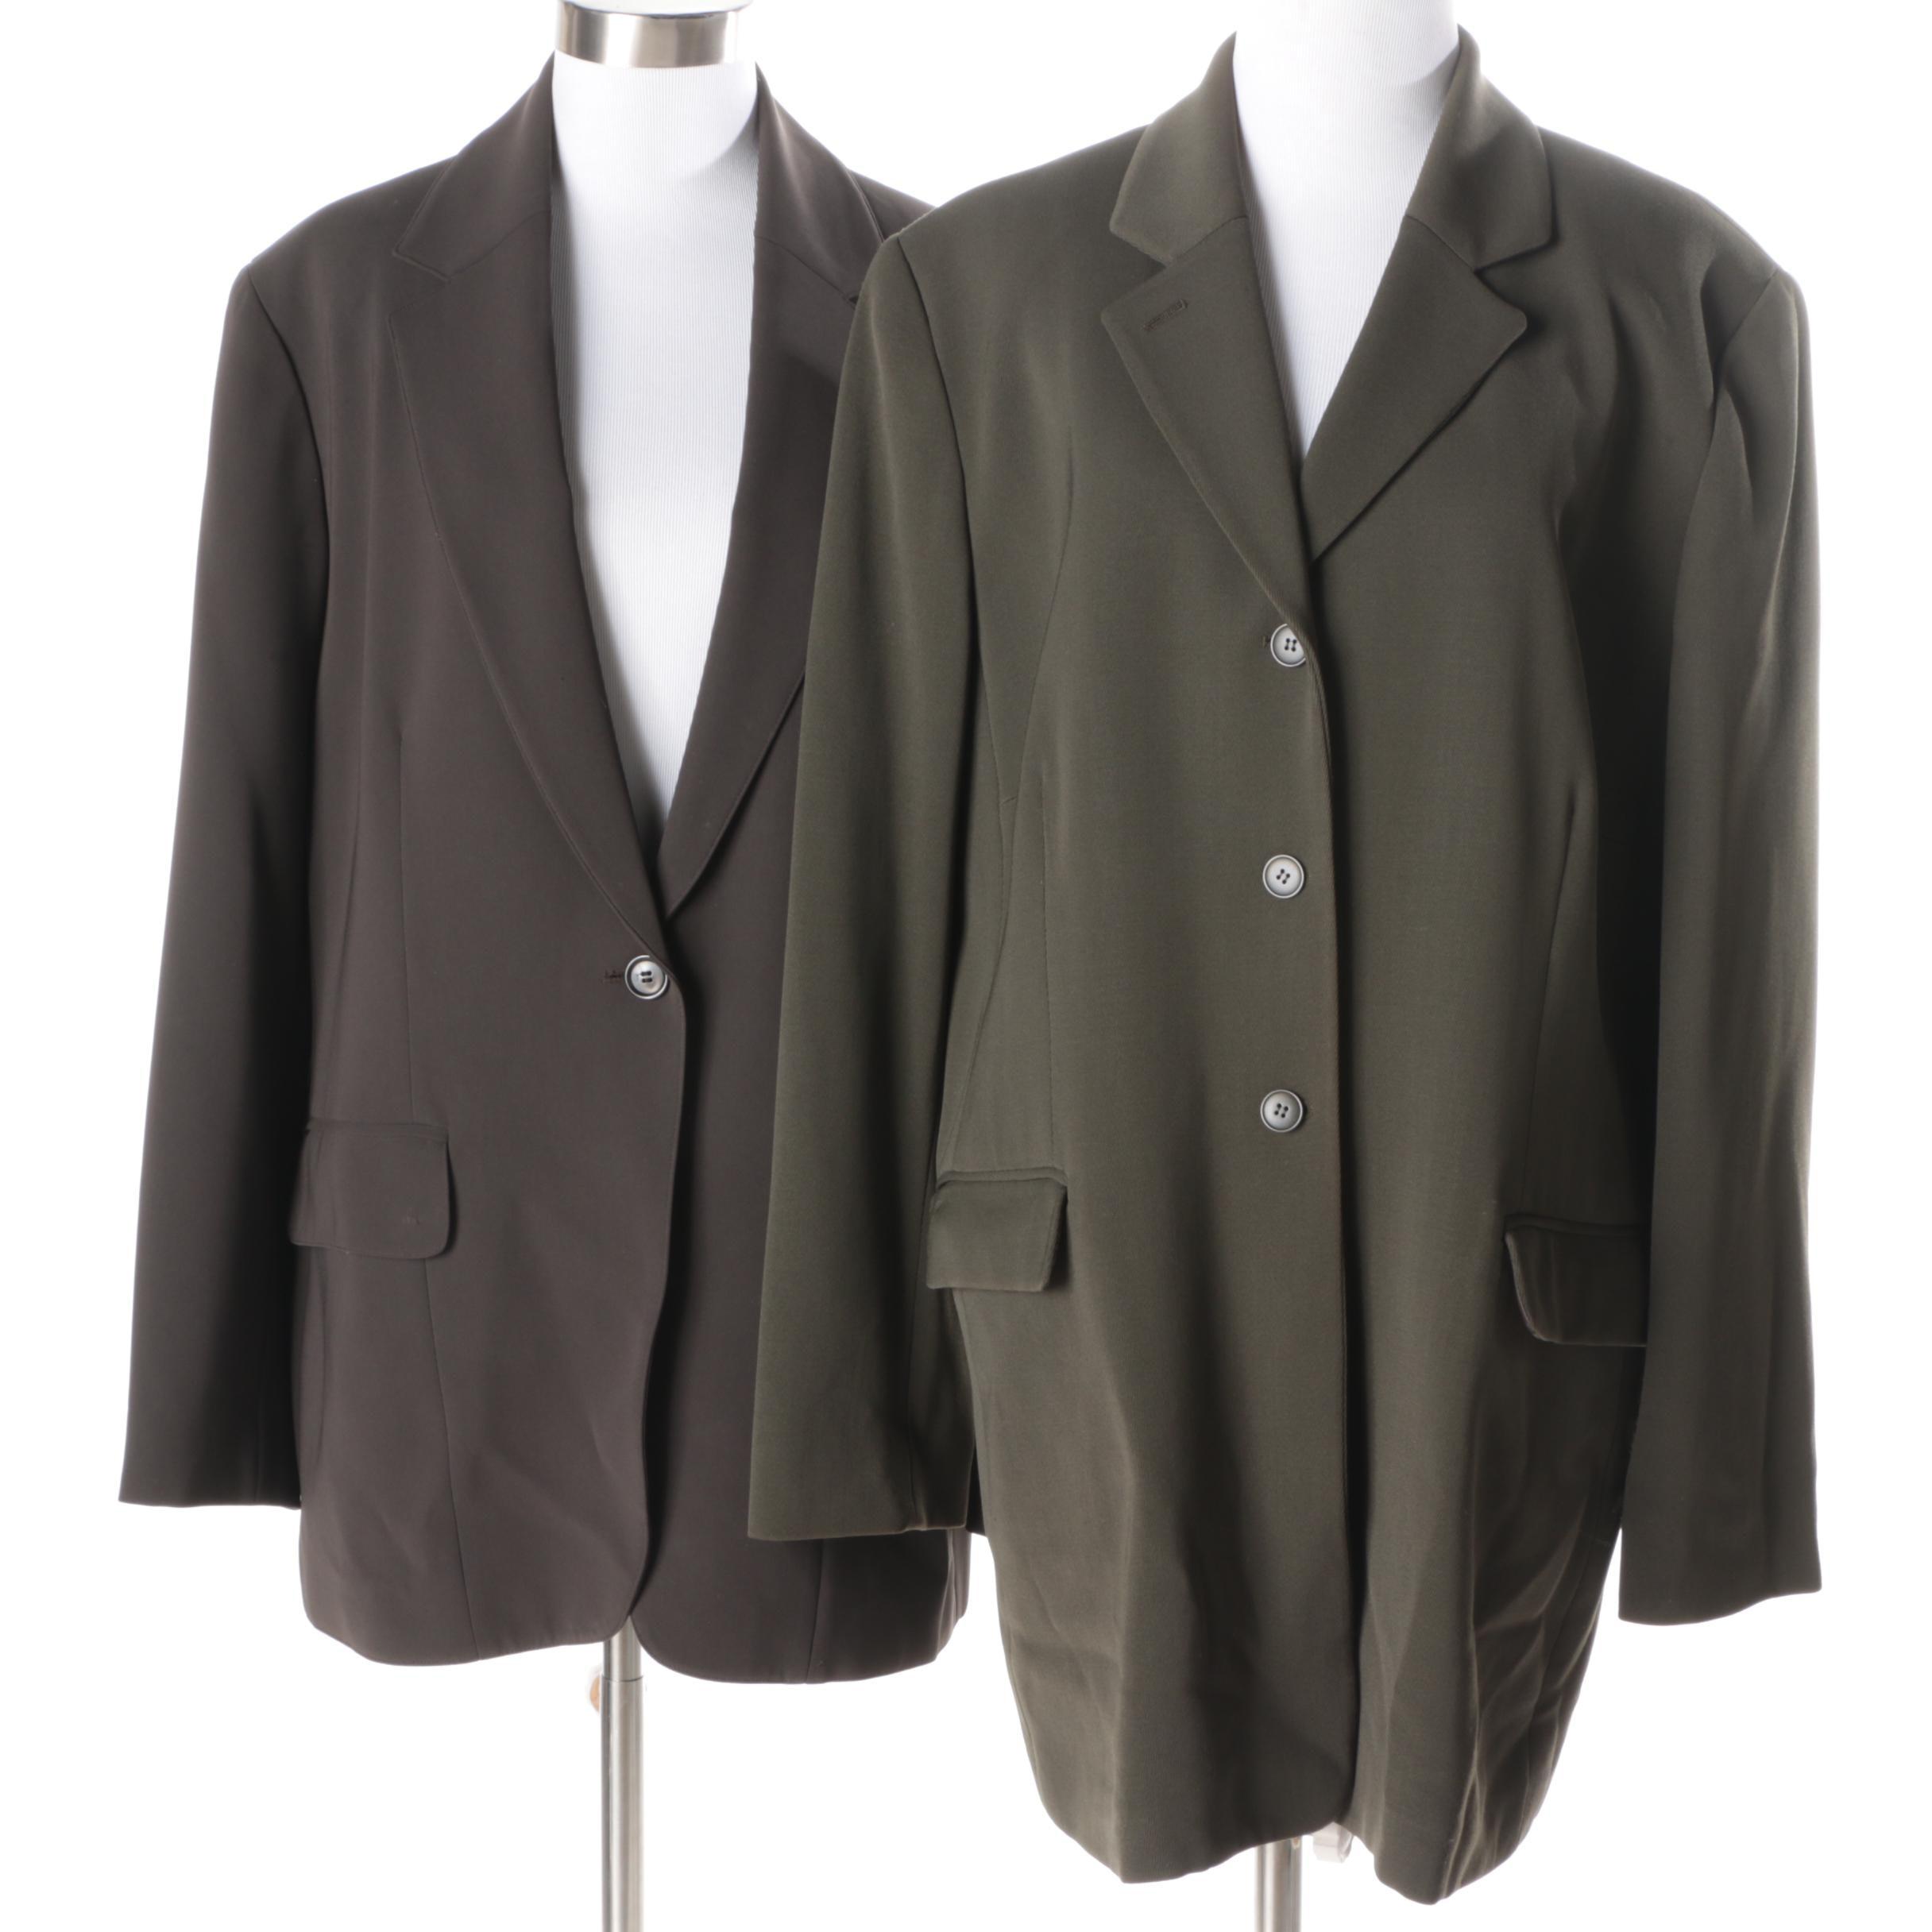 Women's Jones New York Car Coat and Jacket